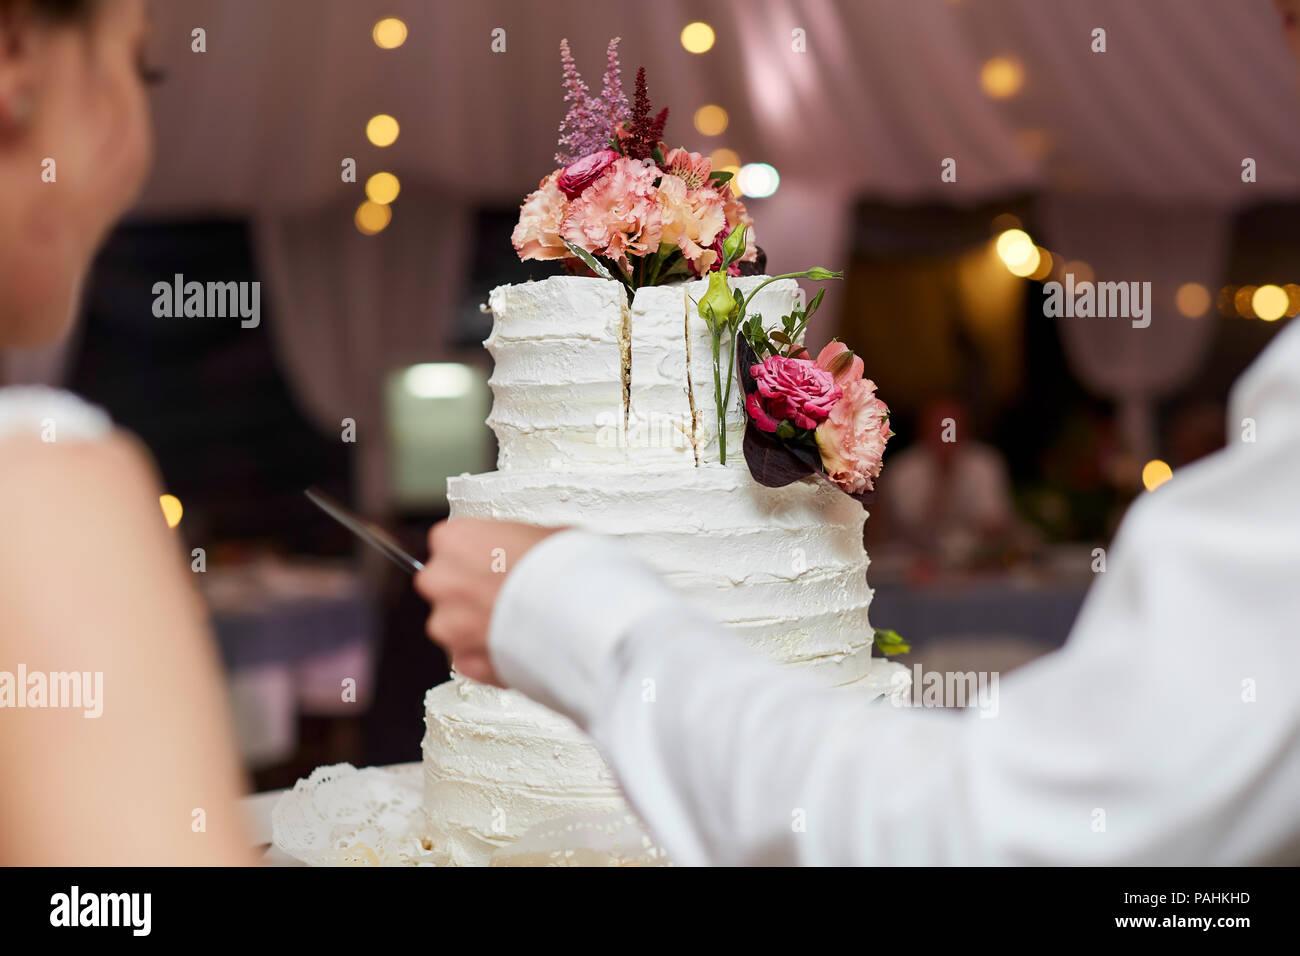 Les mariés couper le gâteau Photo Stock